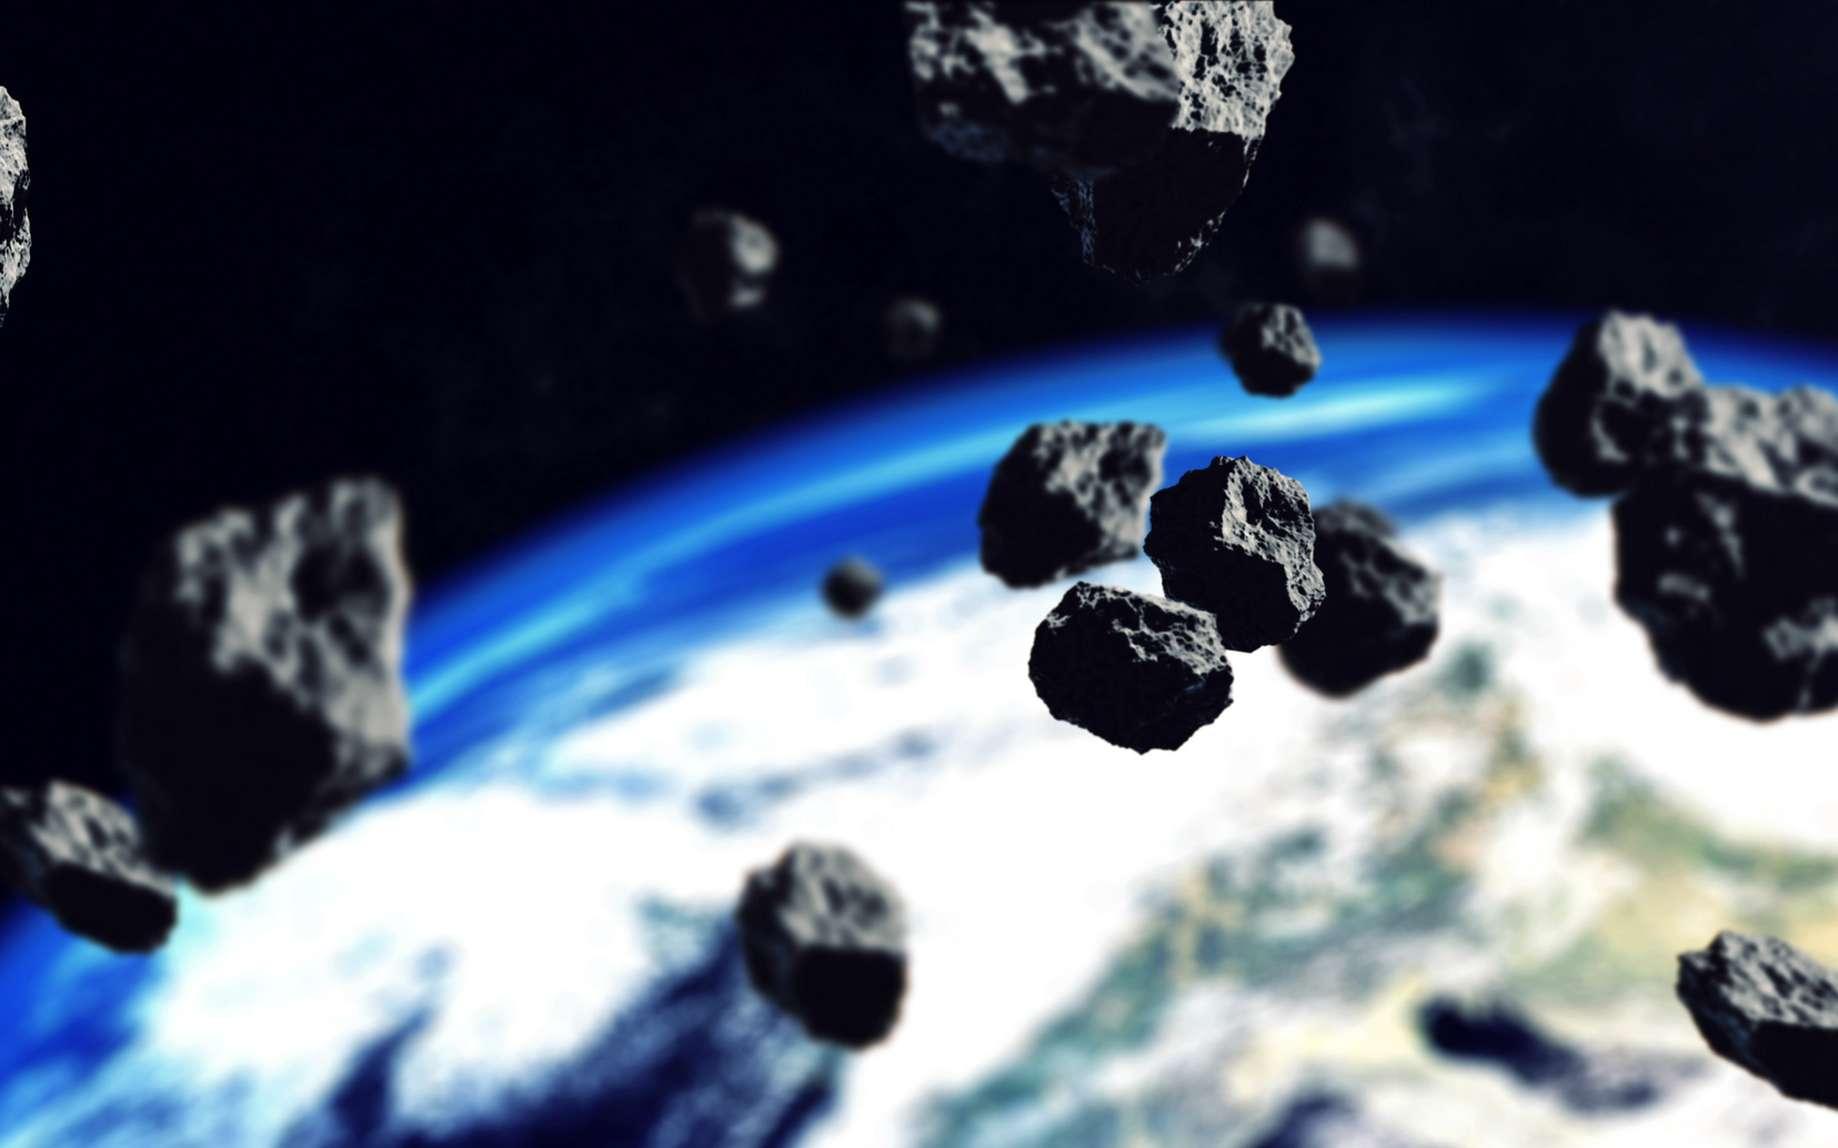 Vue d'artiste d'une pluie d'astéroïdes fonçant vers la Terre. © klss777, Fotolia